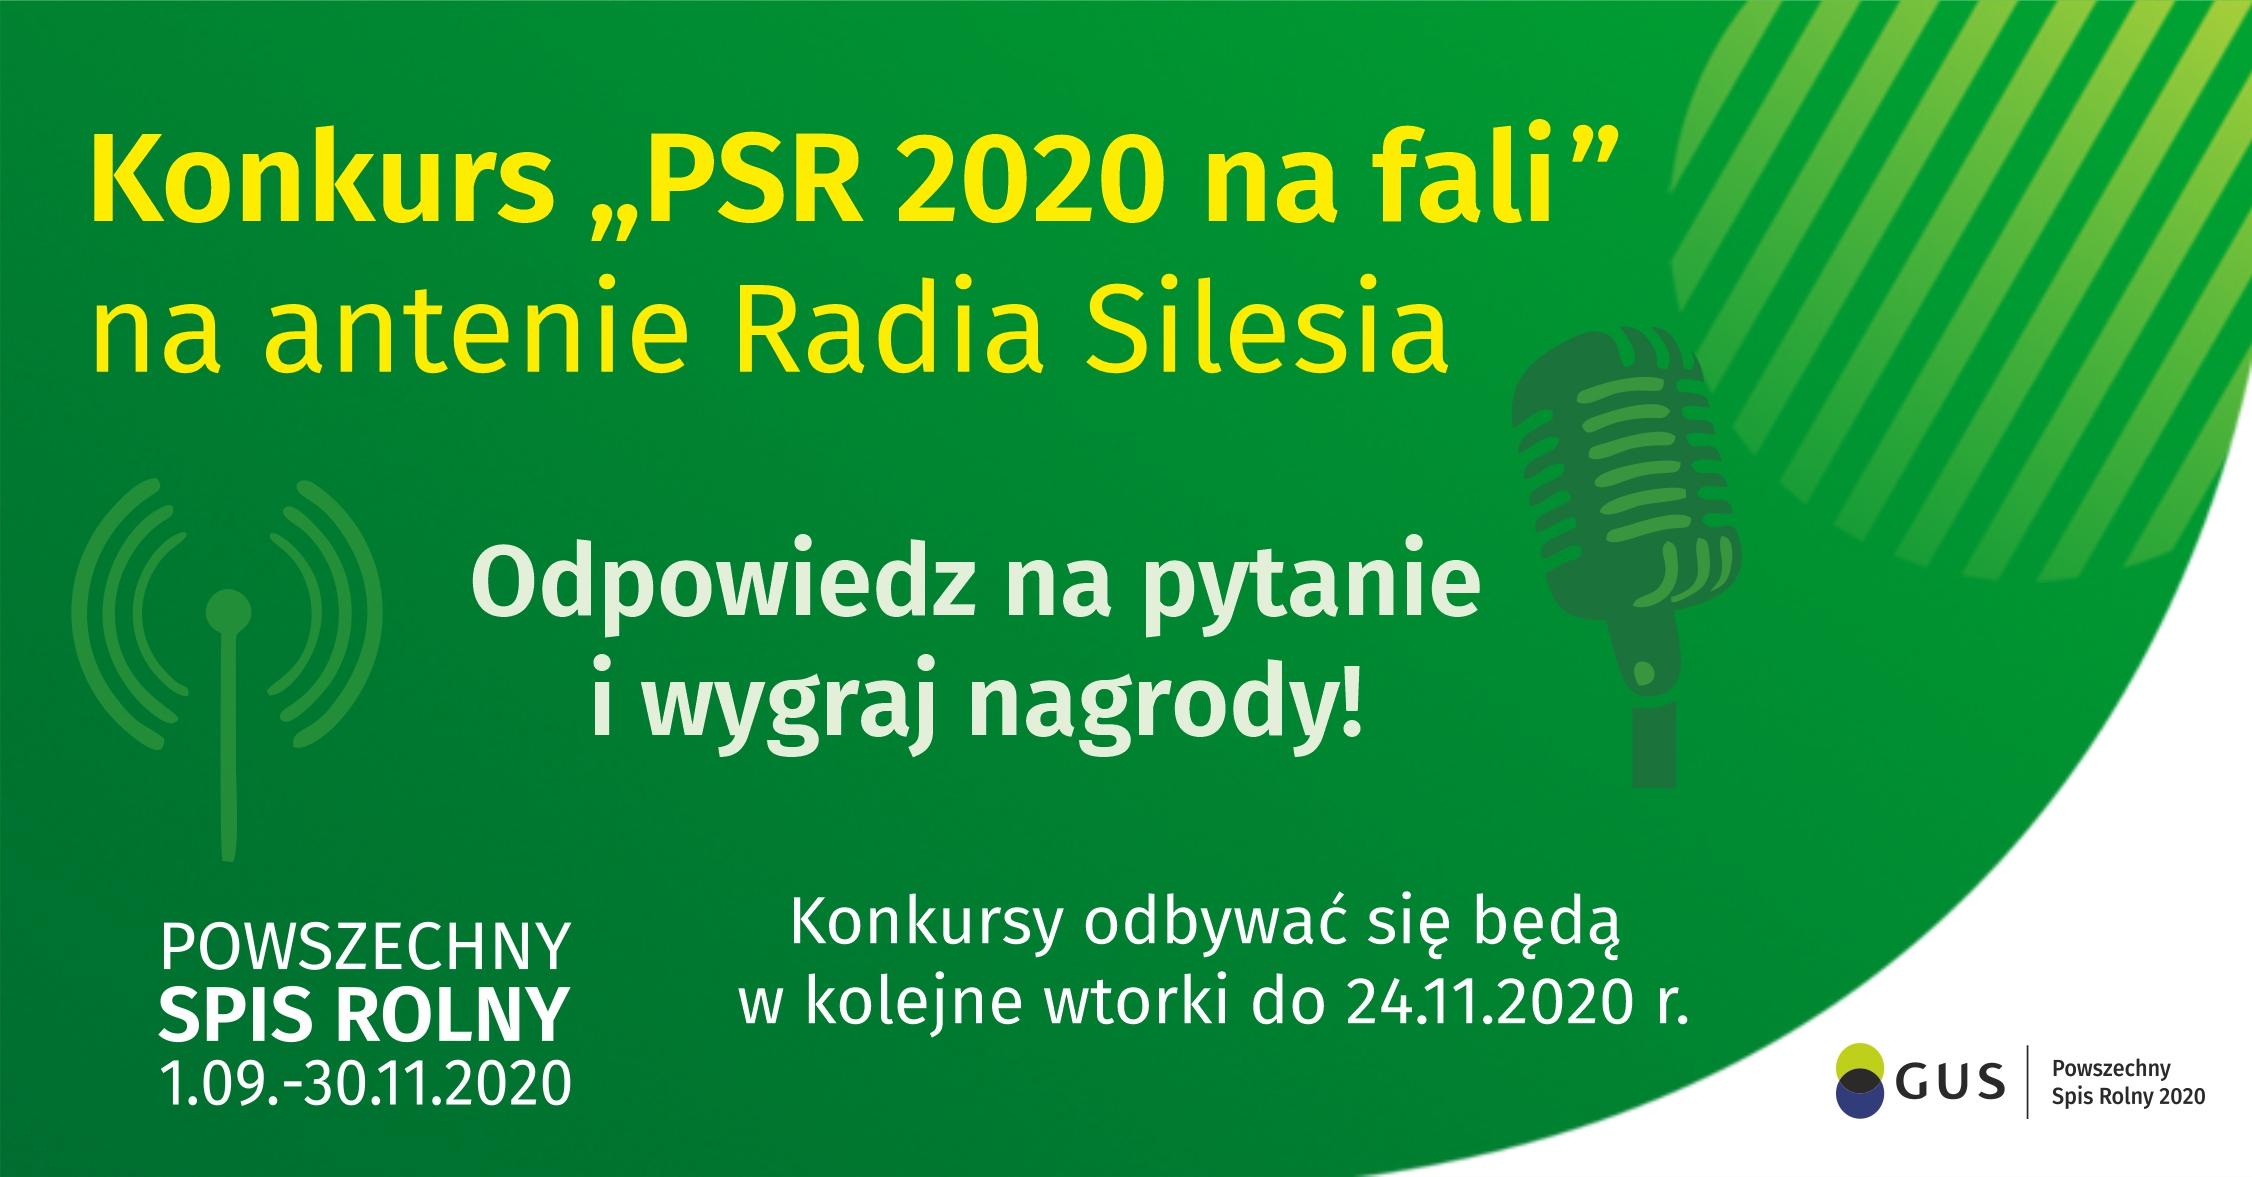 konkurs radiowy.jpg (893 KB)